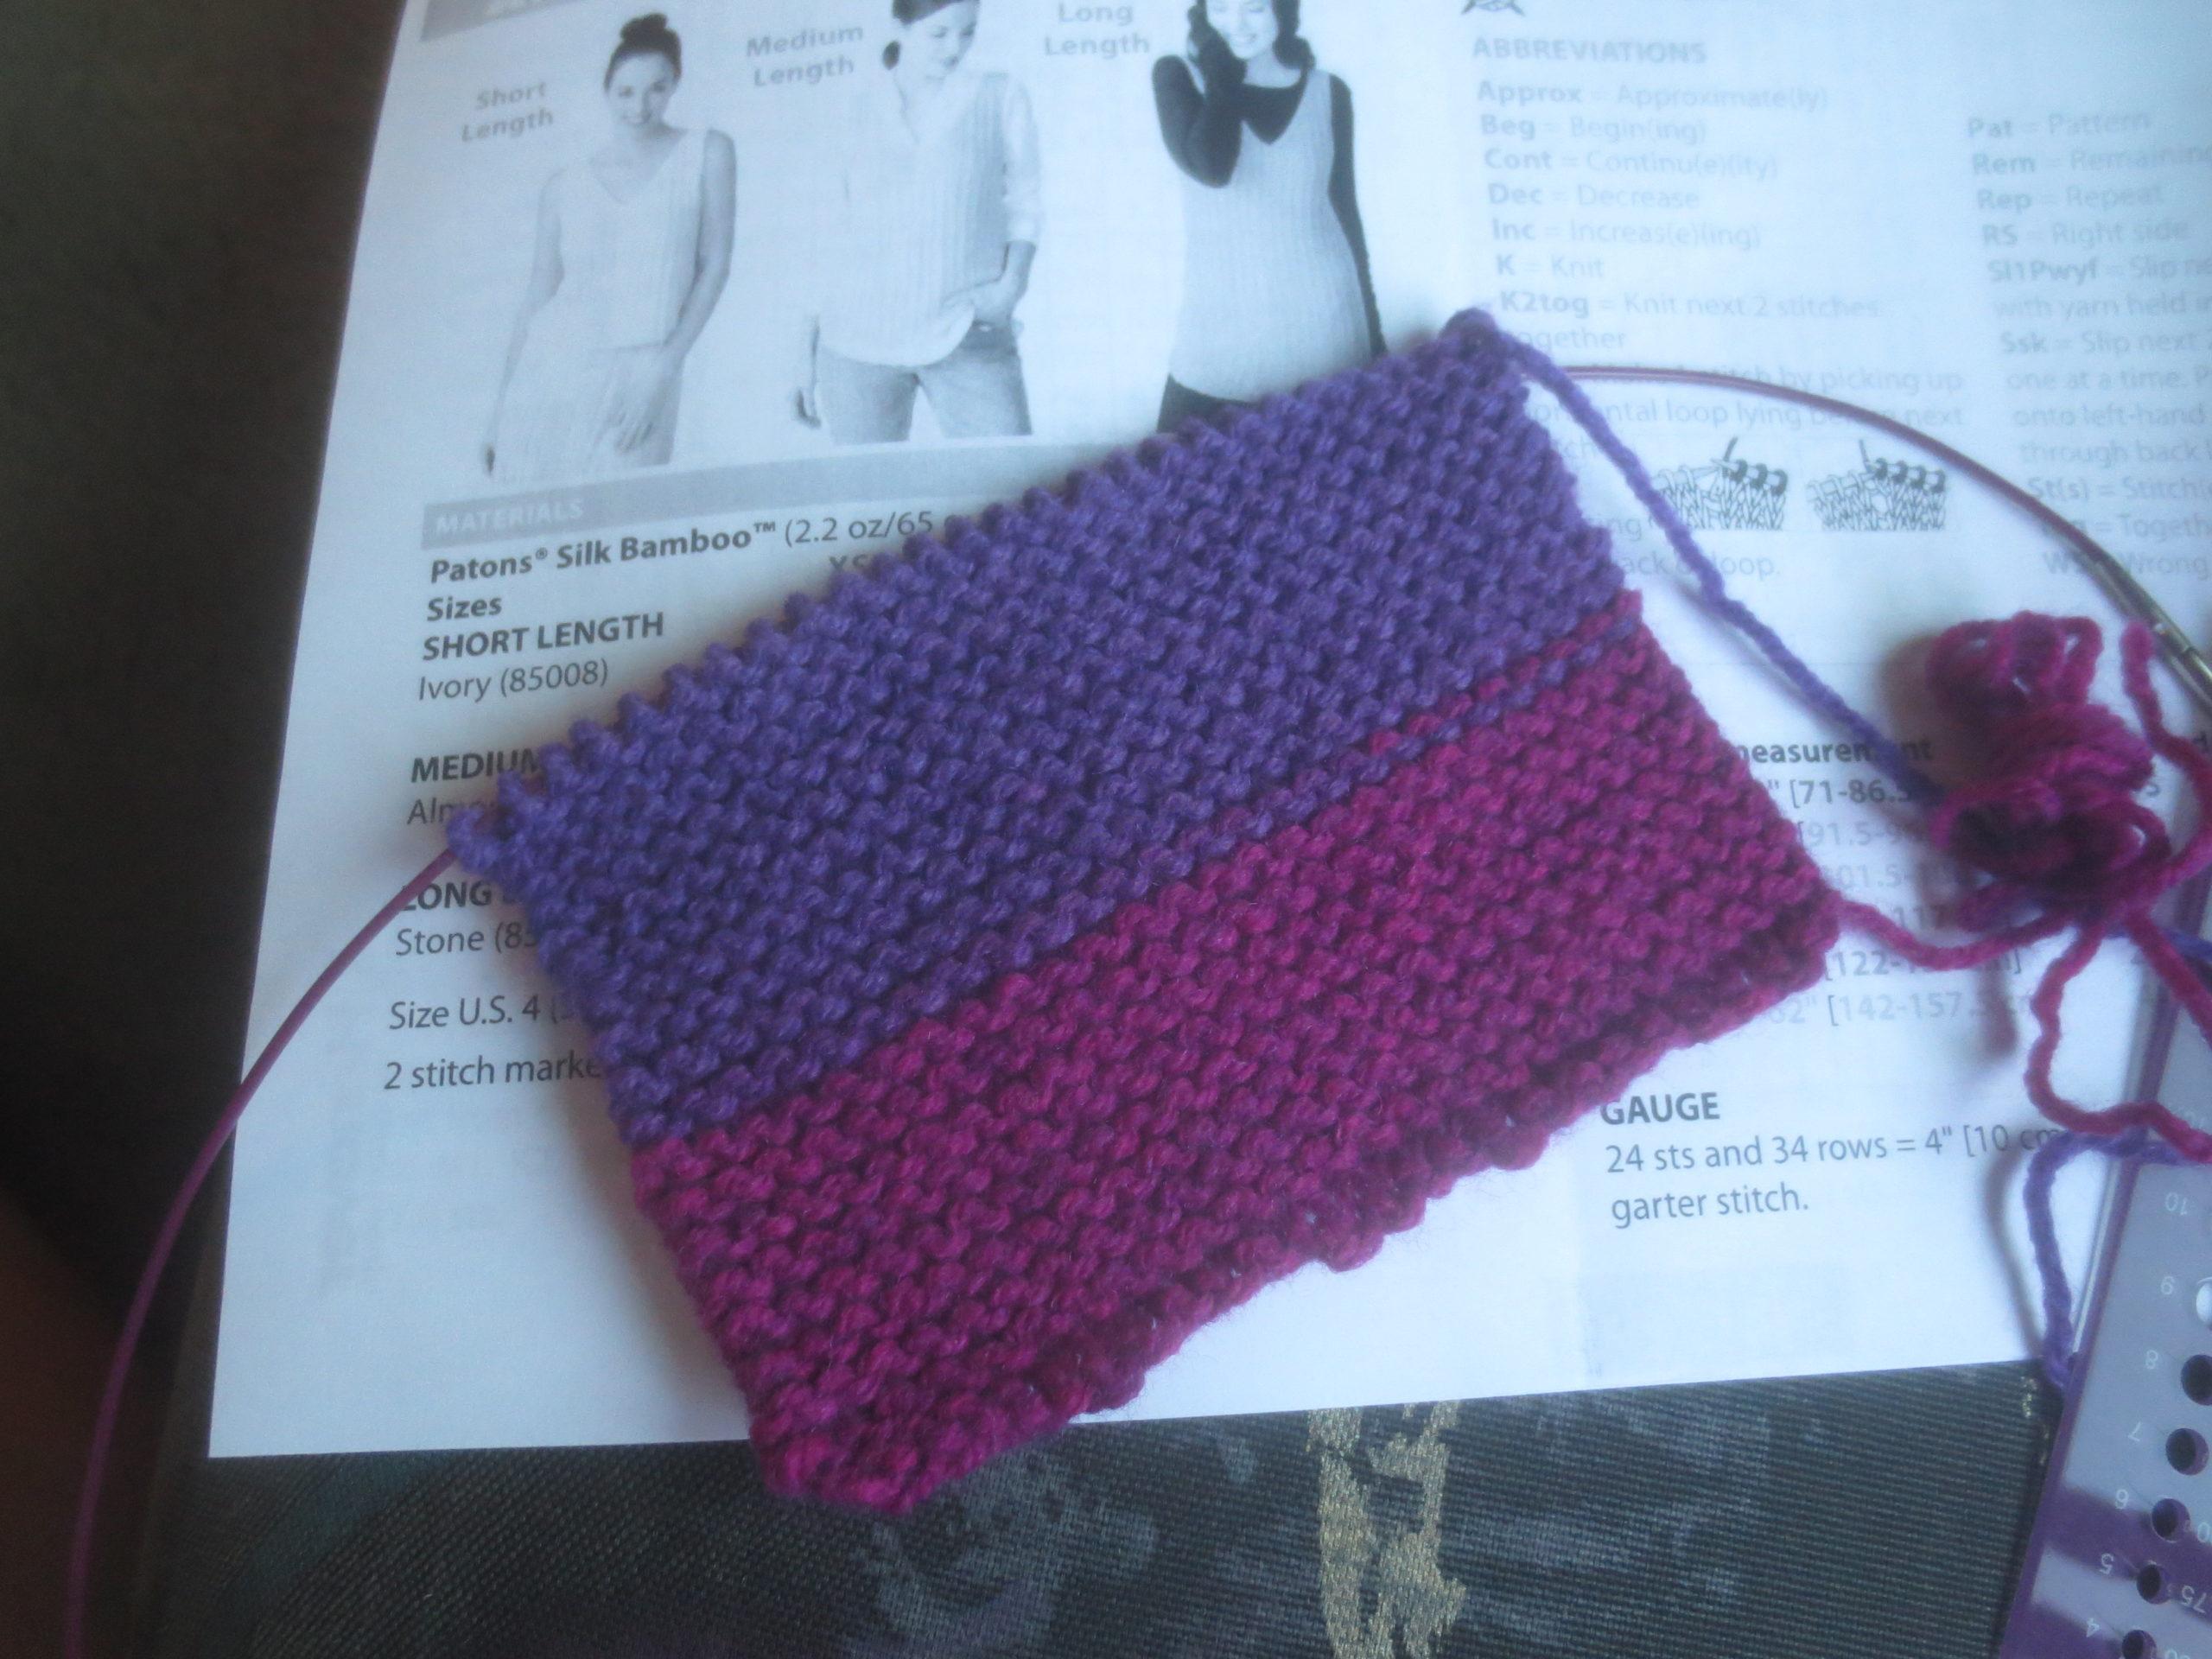 knitted gauge swatch in garter stitch